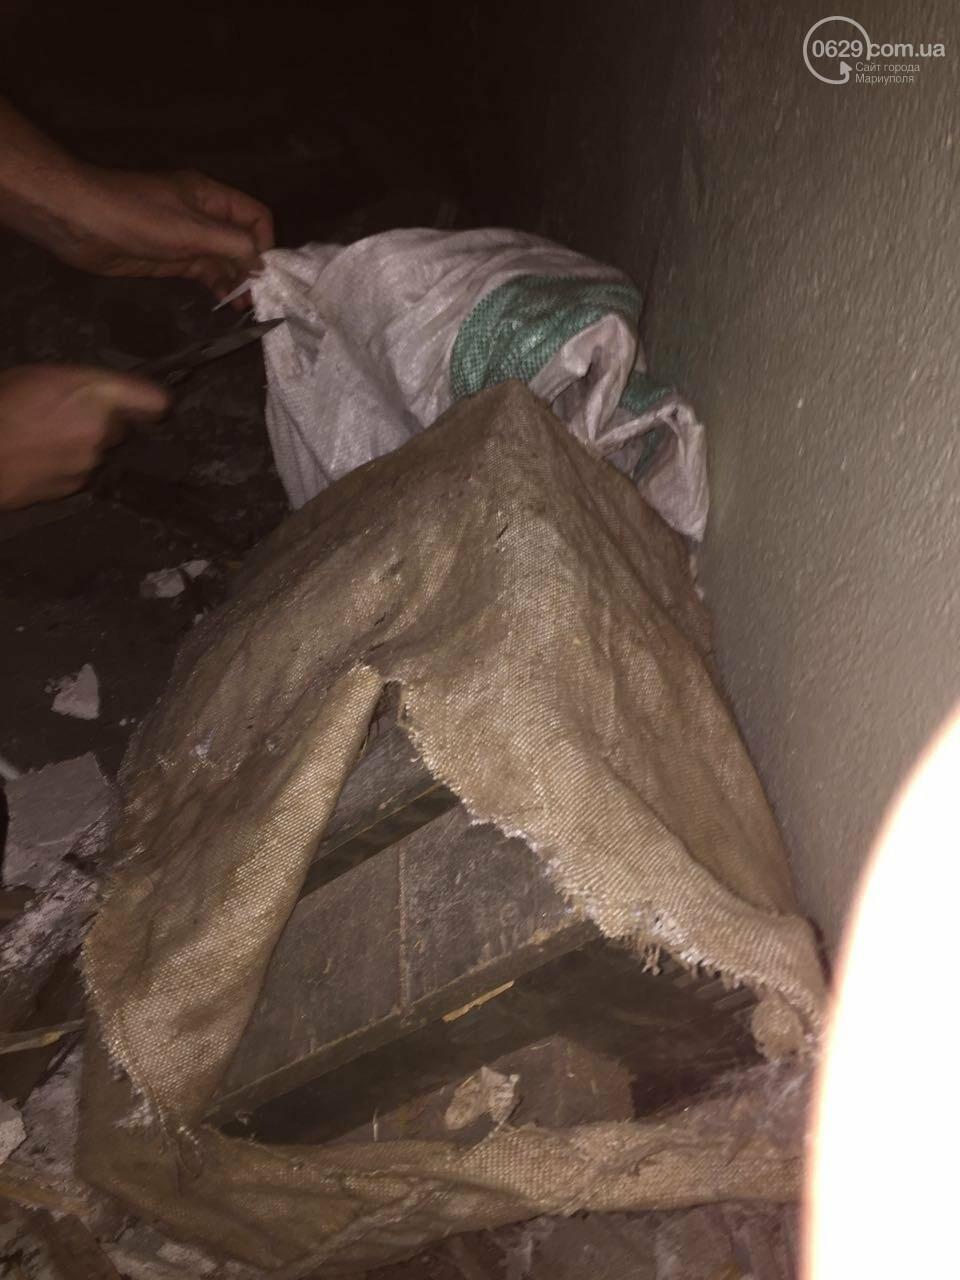 В разрушенной больнице под Мариуполем обнаружен ящик с тротилом и гранатами (ФОТО), фото-3